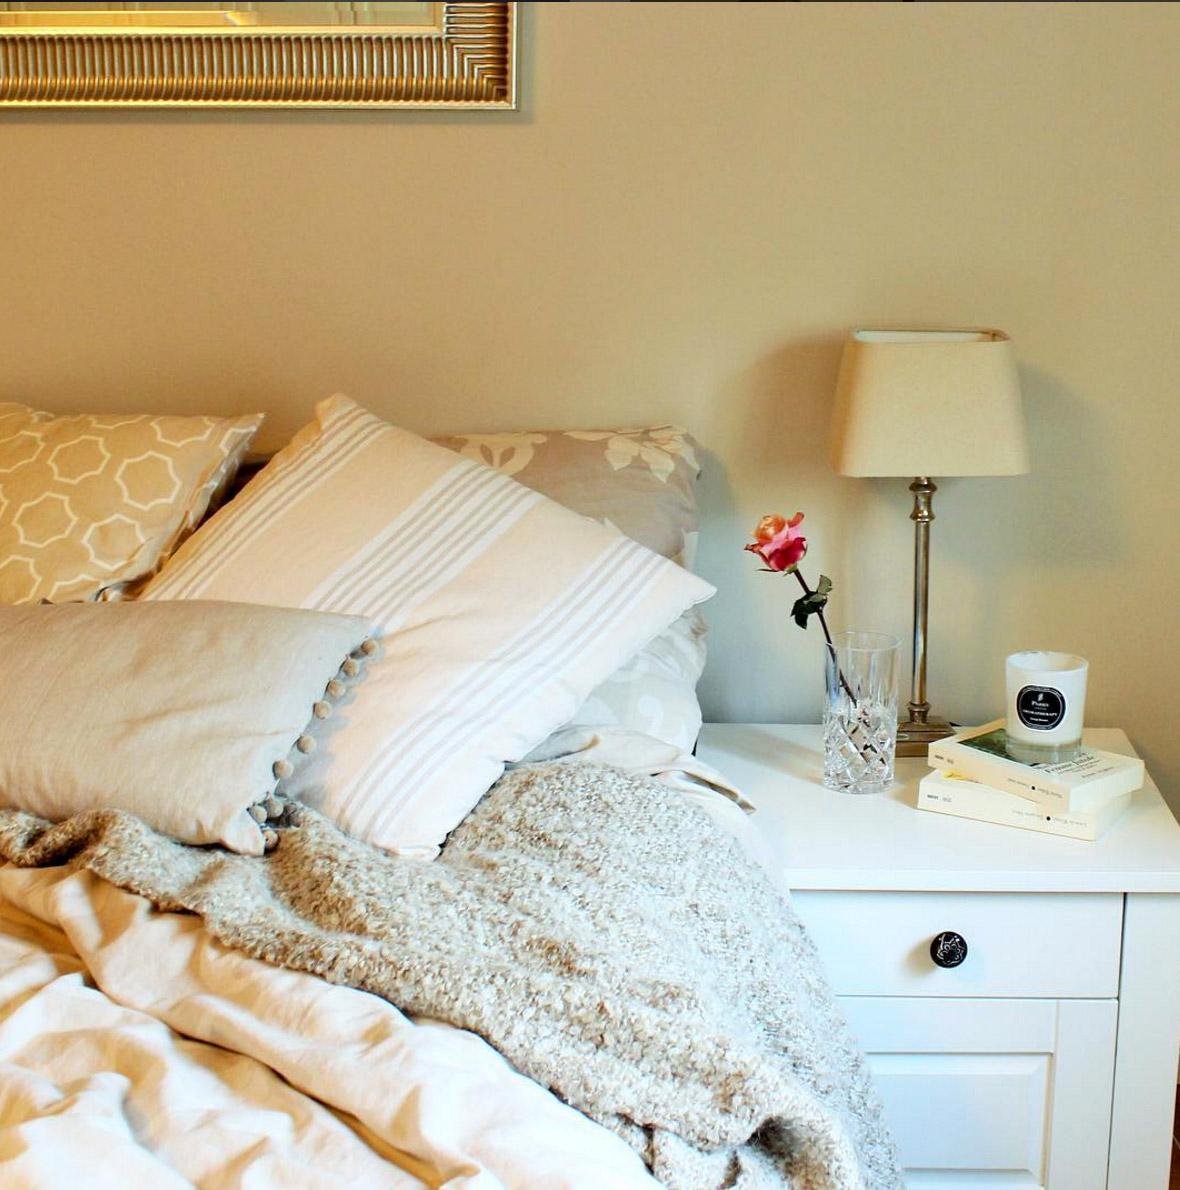 schlafzimmer-nachttischlampe-my.interiorhome